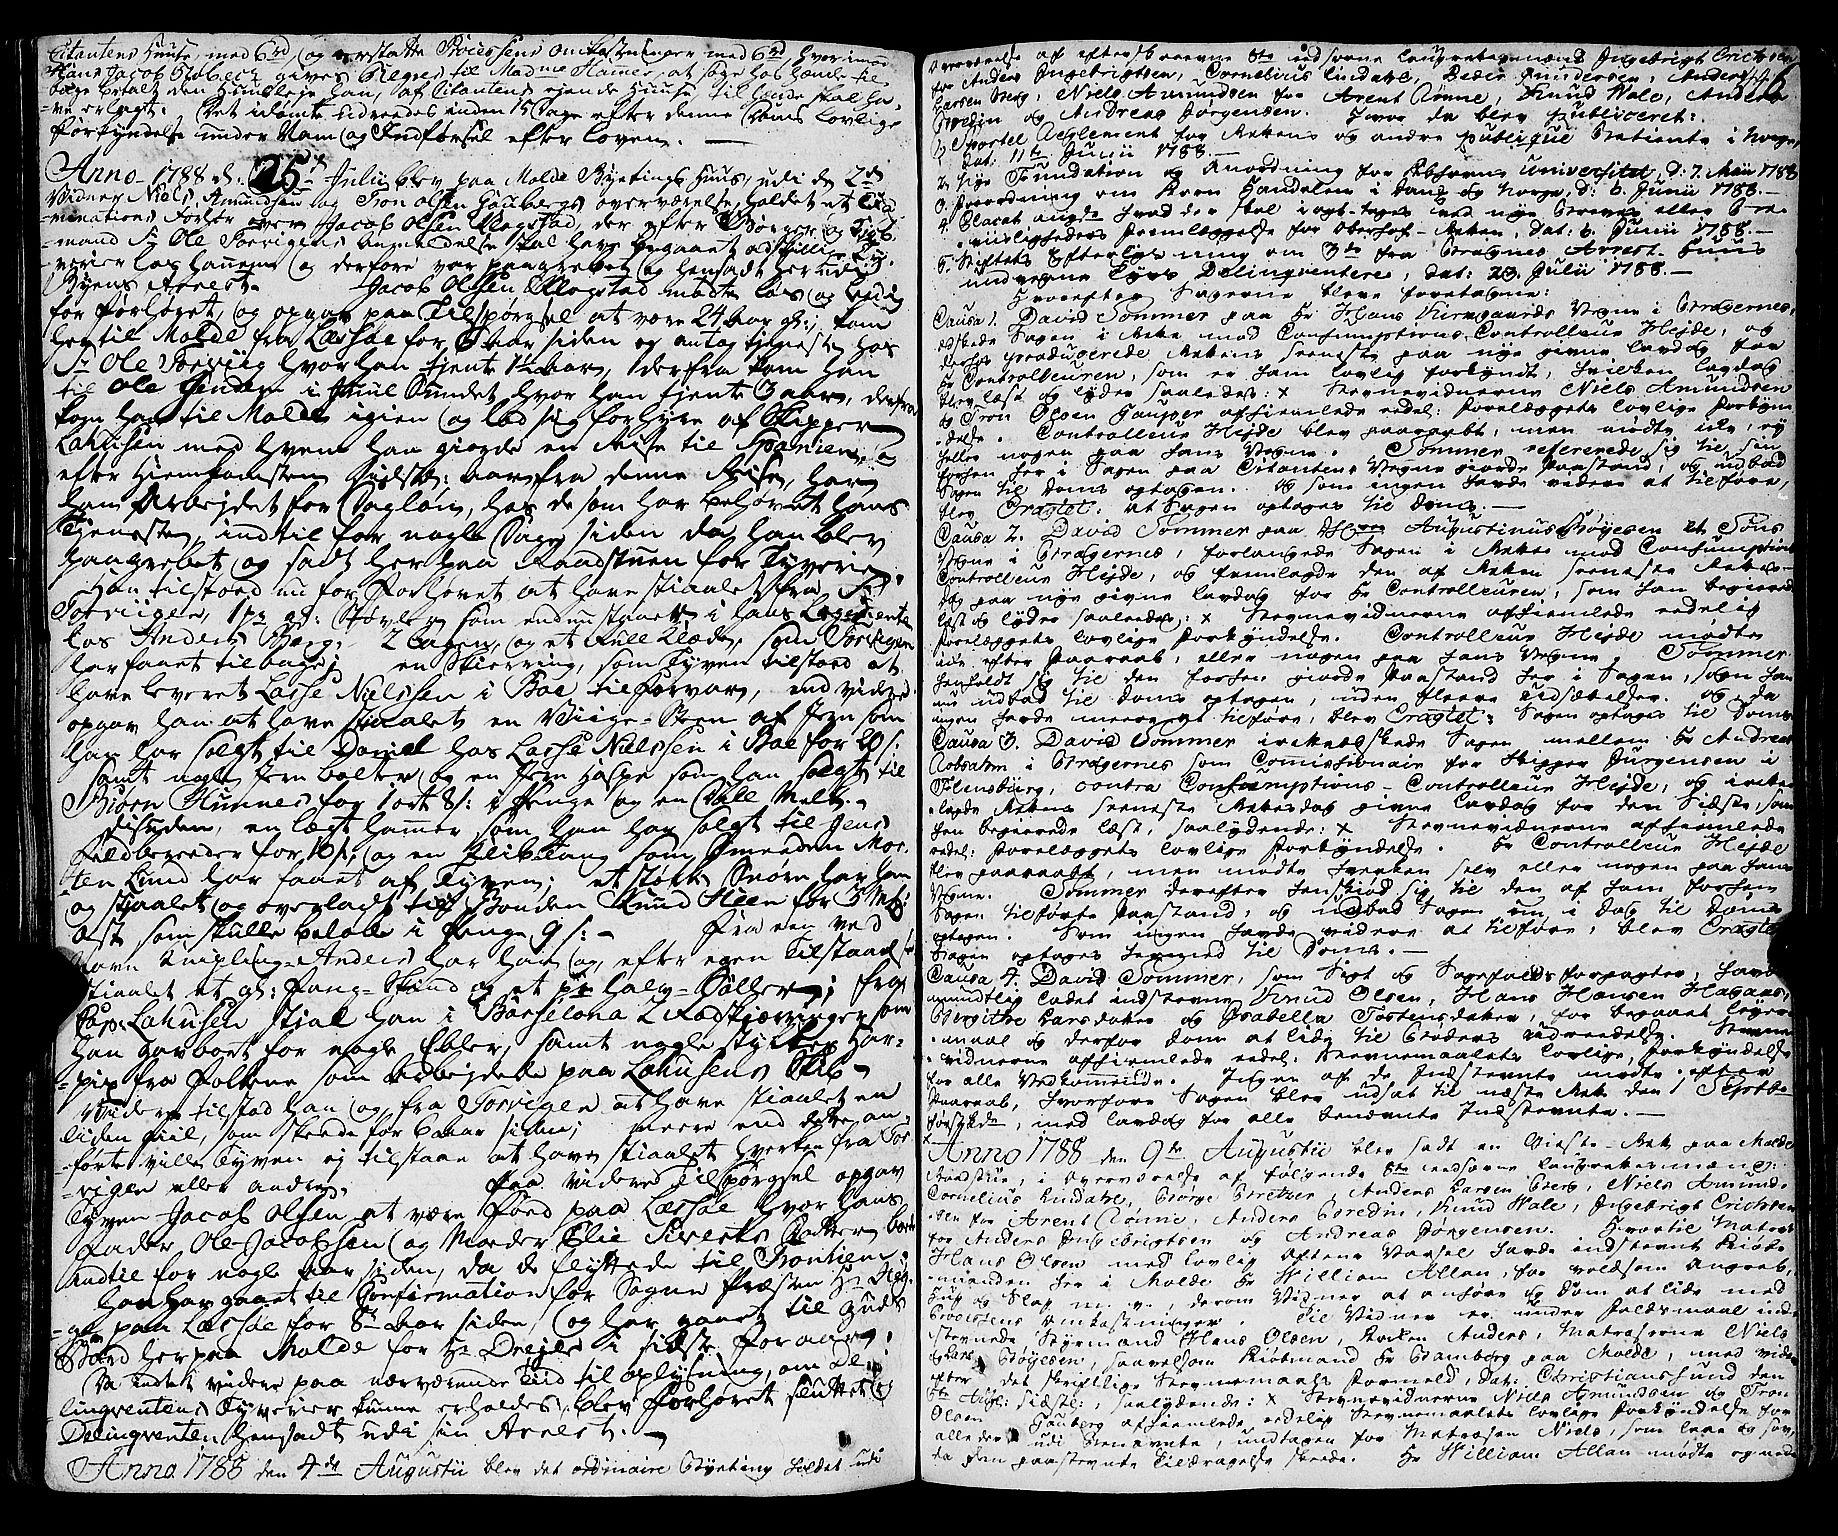 SAT, Molde byfogd, 1/1A/L0001: Justisprotokoll, 1764-1796, s. 447